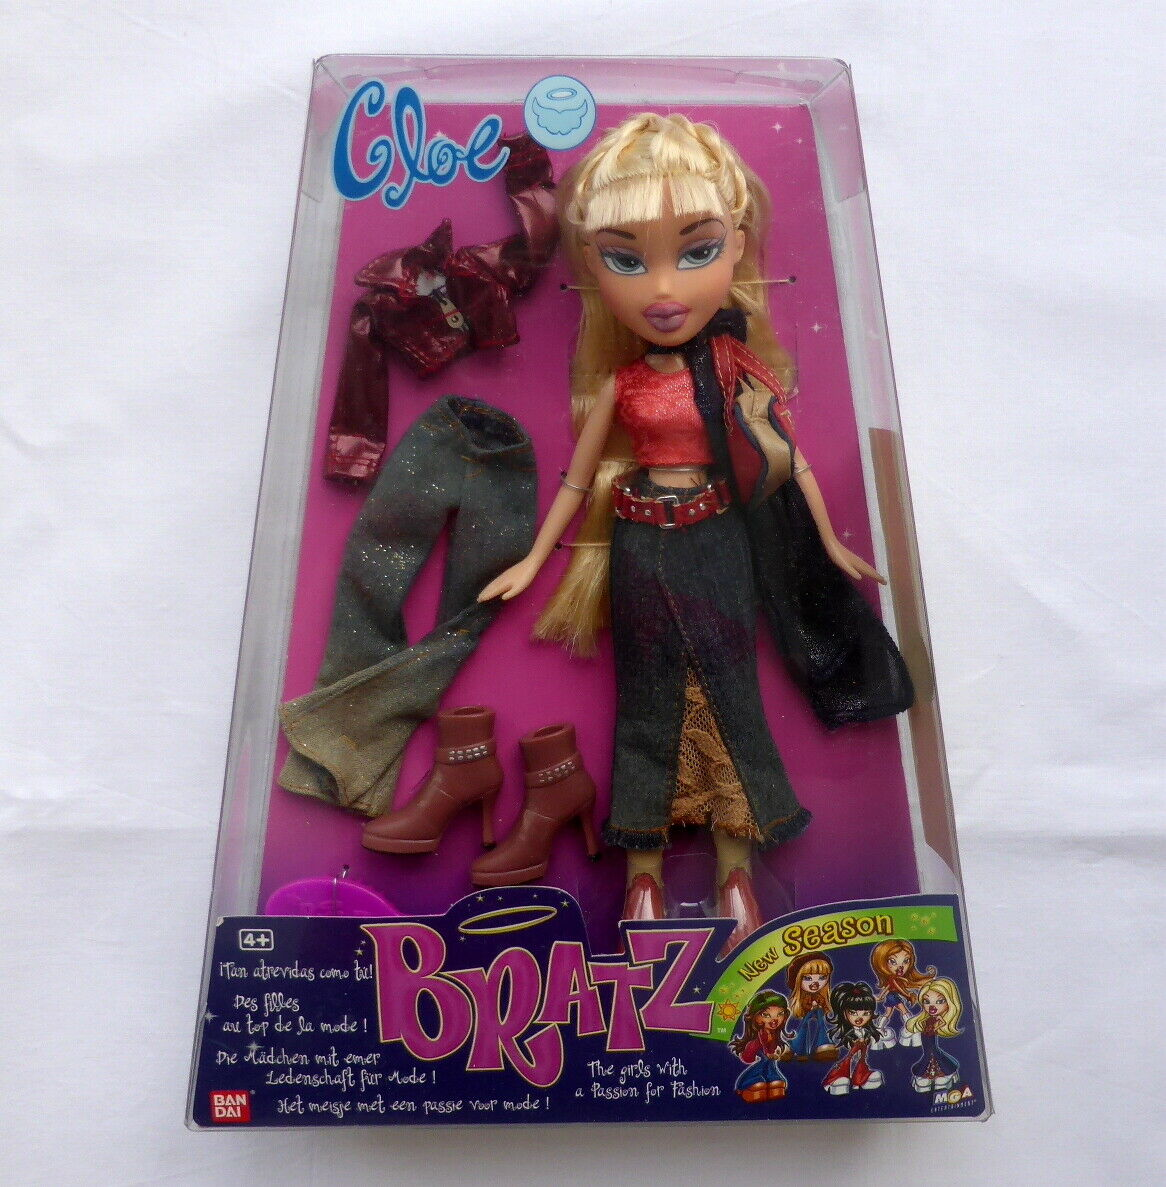 Nueva temporada Cloe Moda Muñeca Bratz 2002 Bandai